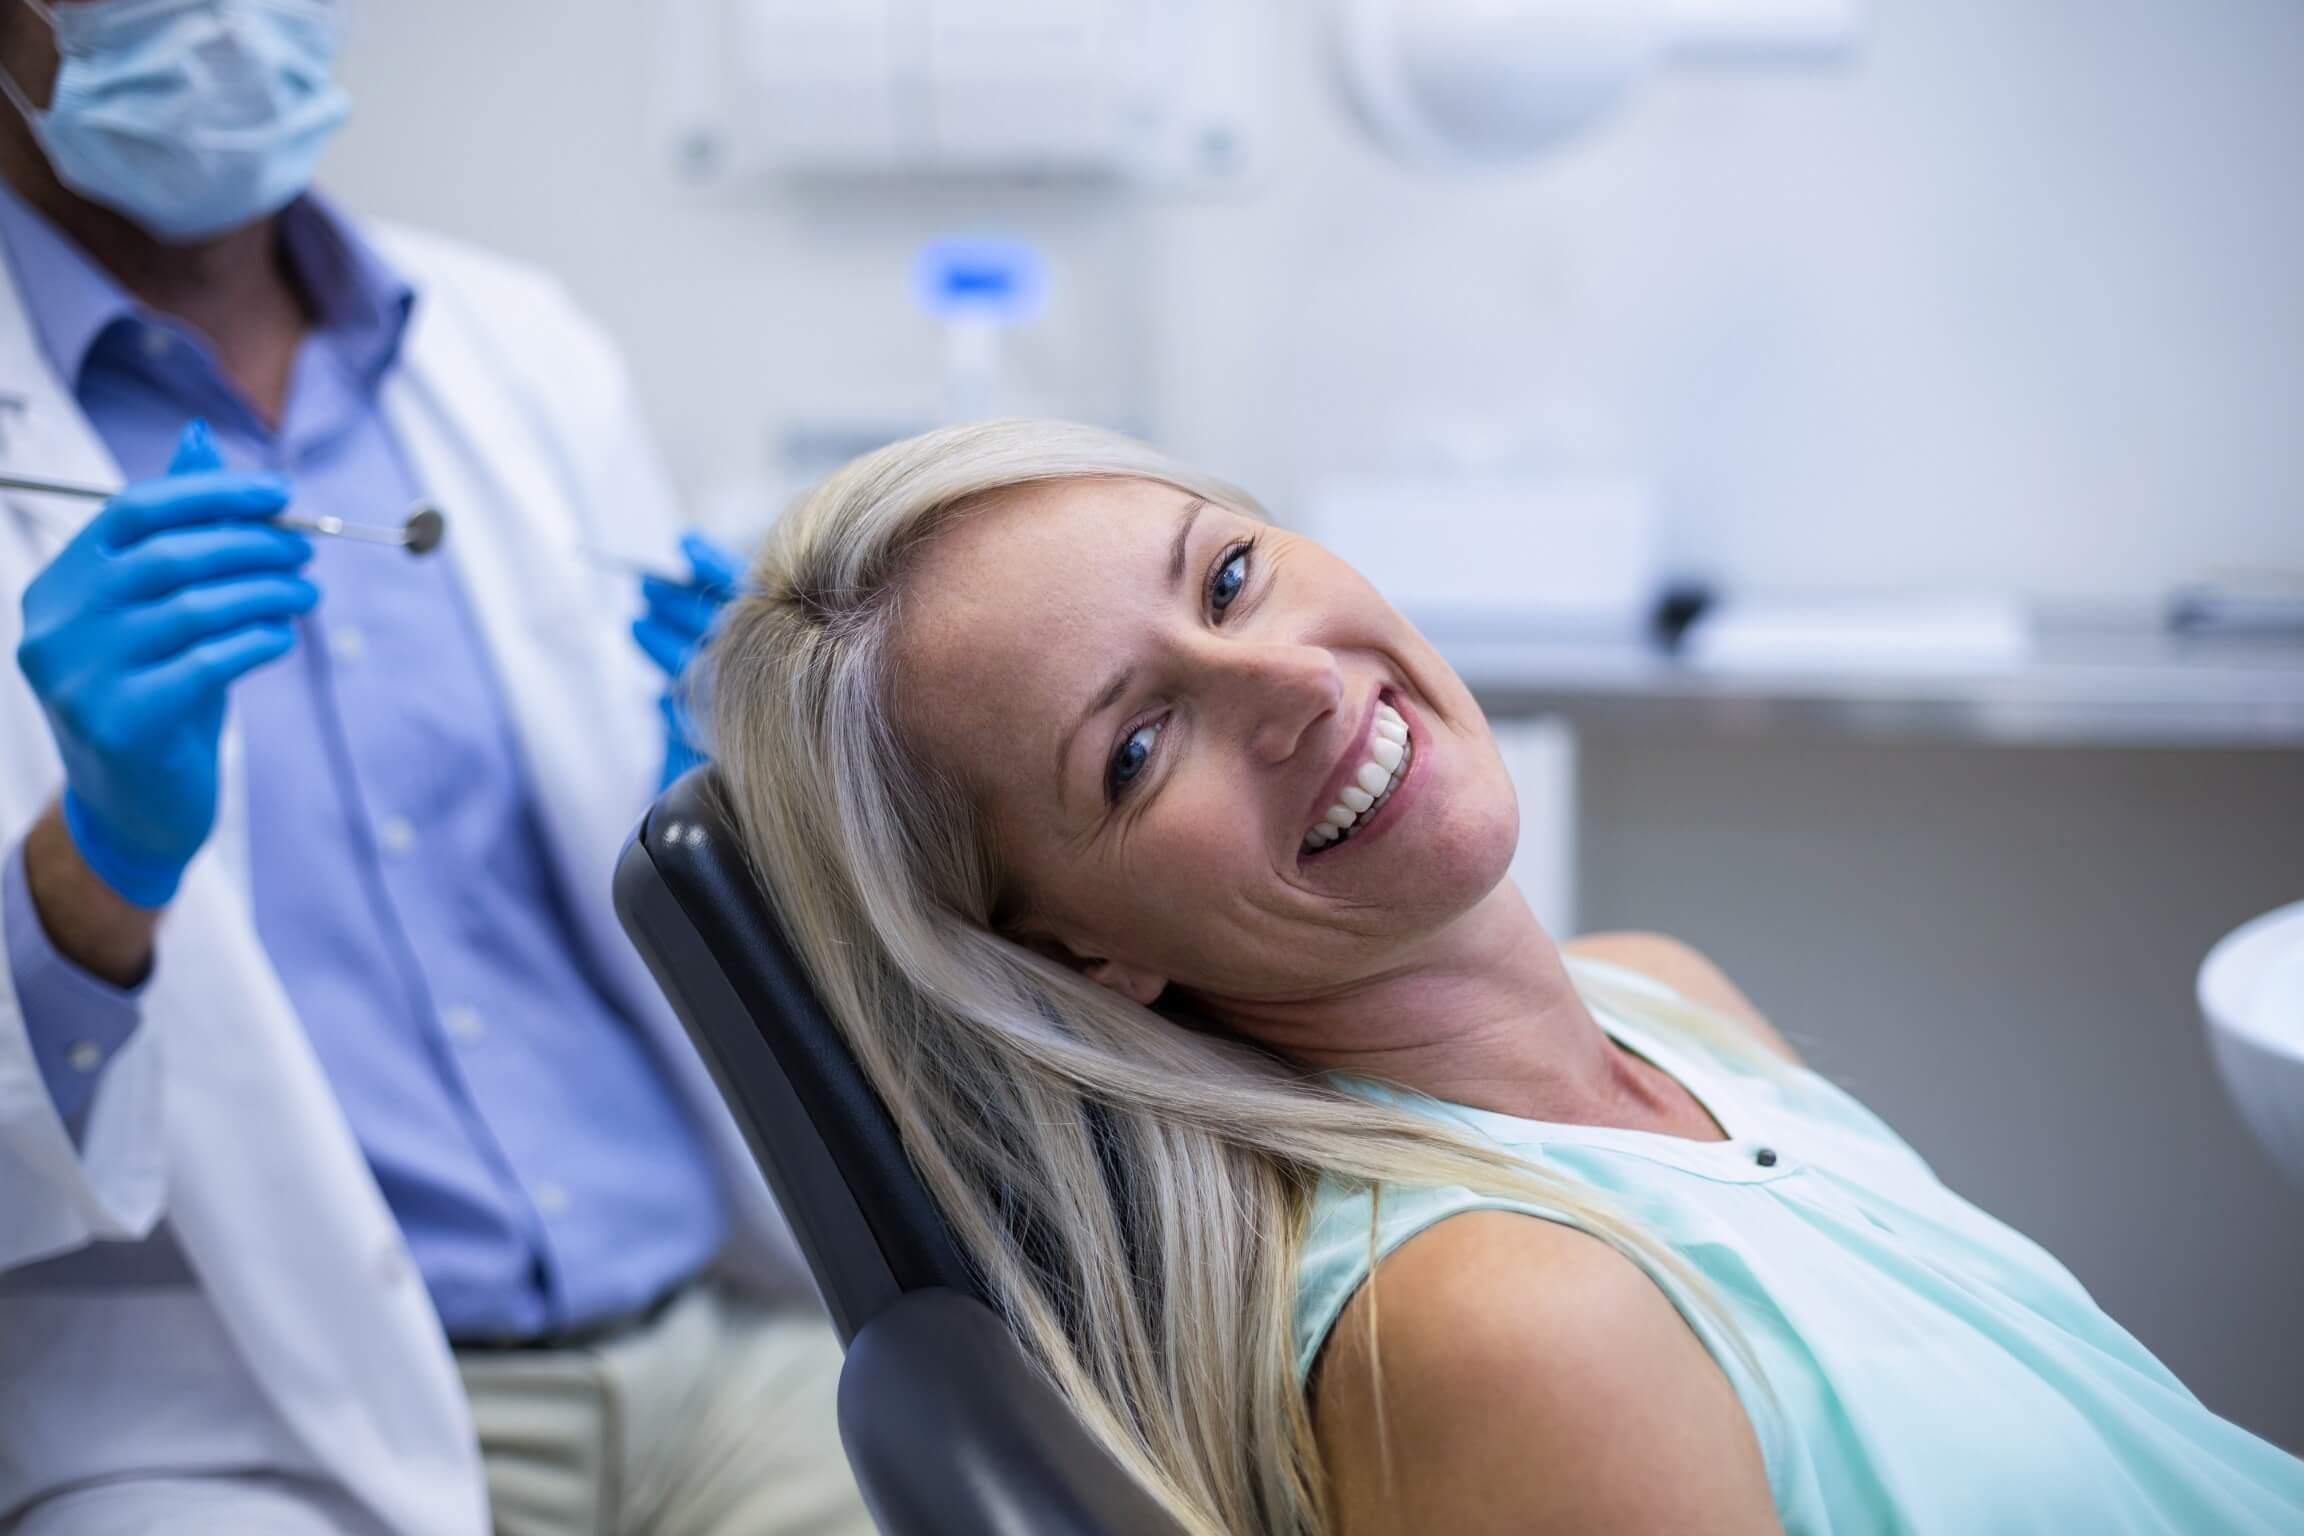 אישה מחייכת אצל רופא שיניים